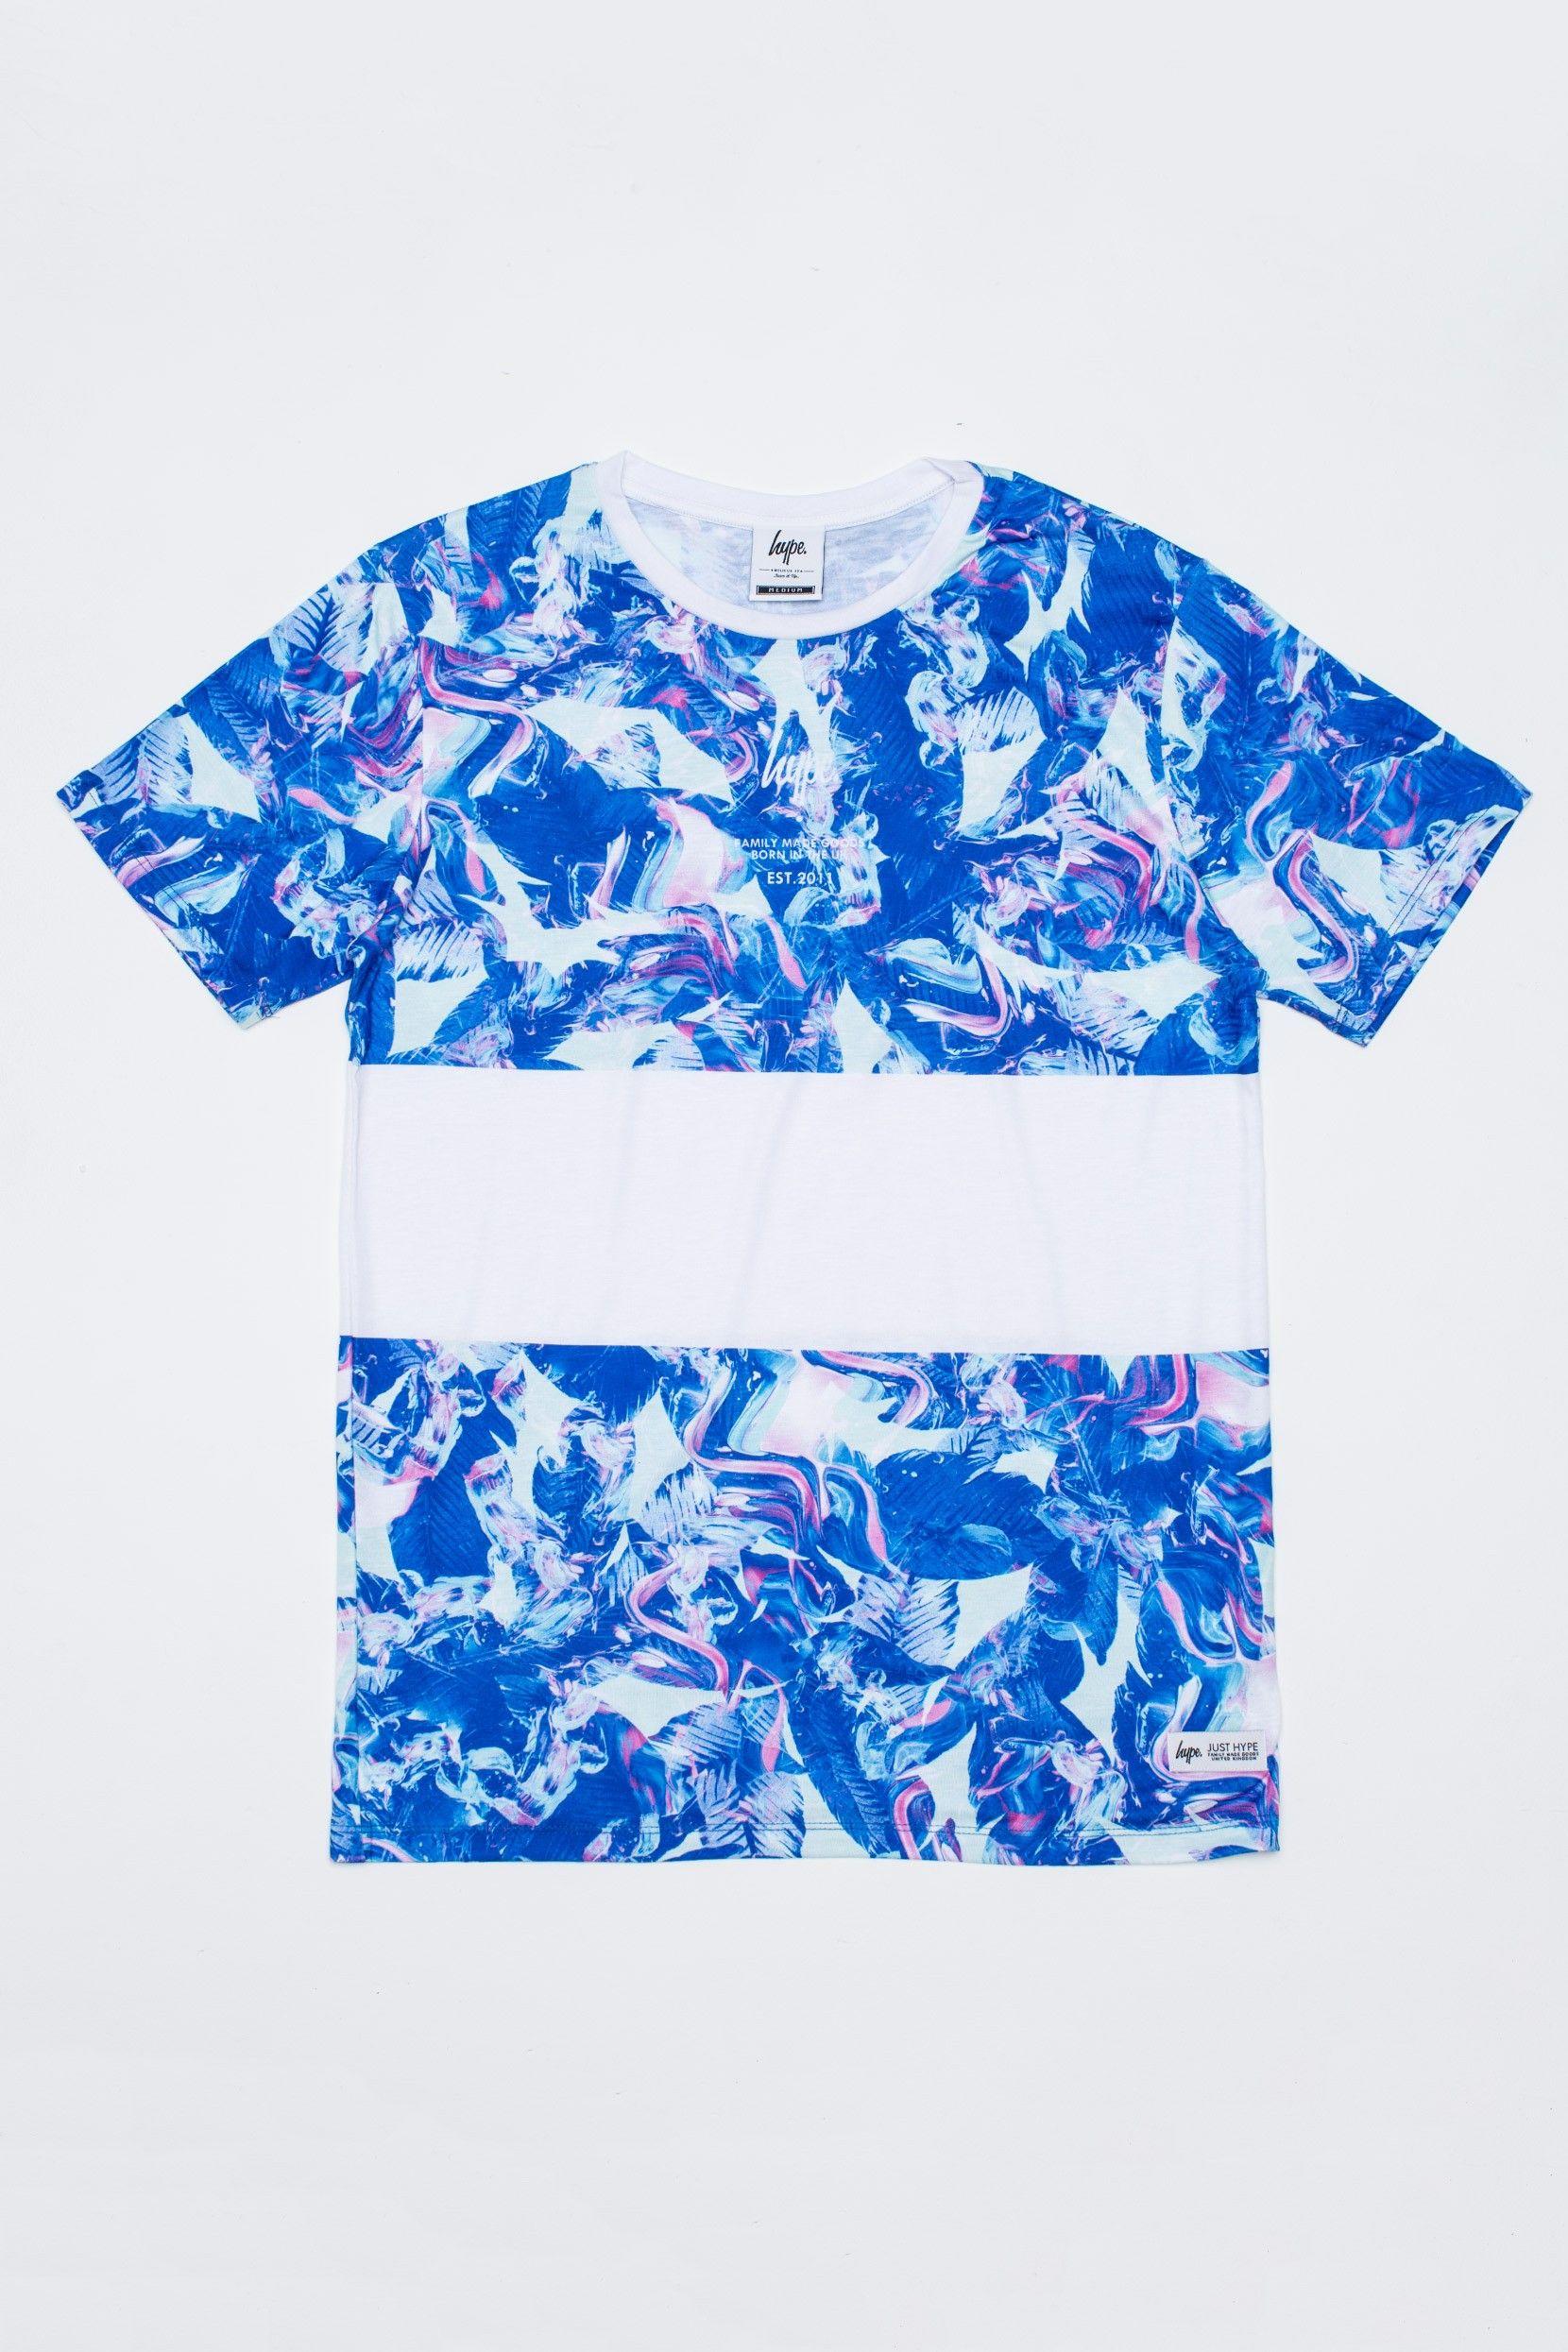 HYPE PAINT GARDEN PANEL T-SHIRT.  https://www.justhype.co.uk/unisex/hype-paint-garden-panel-t-shirt